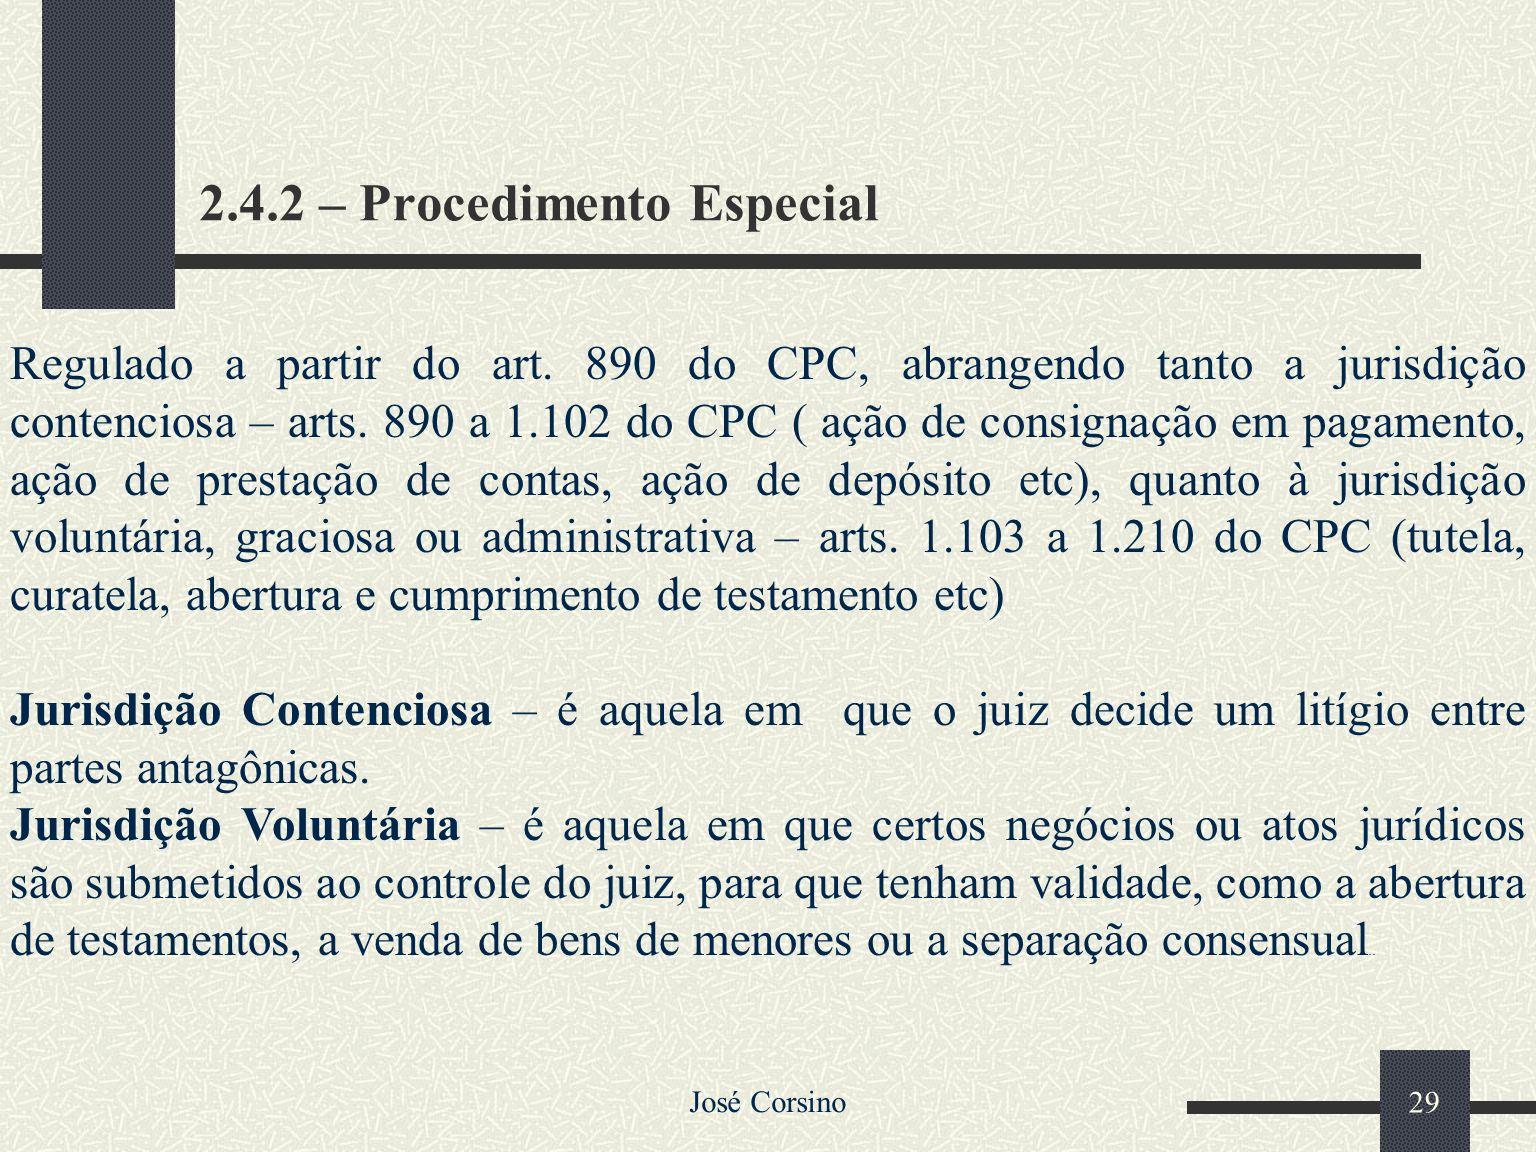 José Corsino 28 b) Procedimento Sumário Submetem-se ao procedimento sumário as causas que não excedam o valor de vinte vezes o maior salário mínimo vi